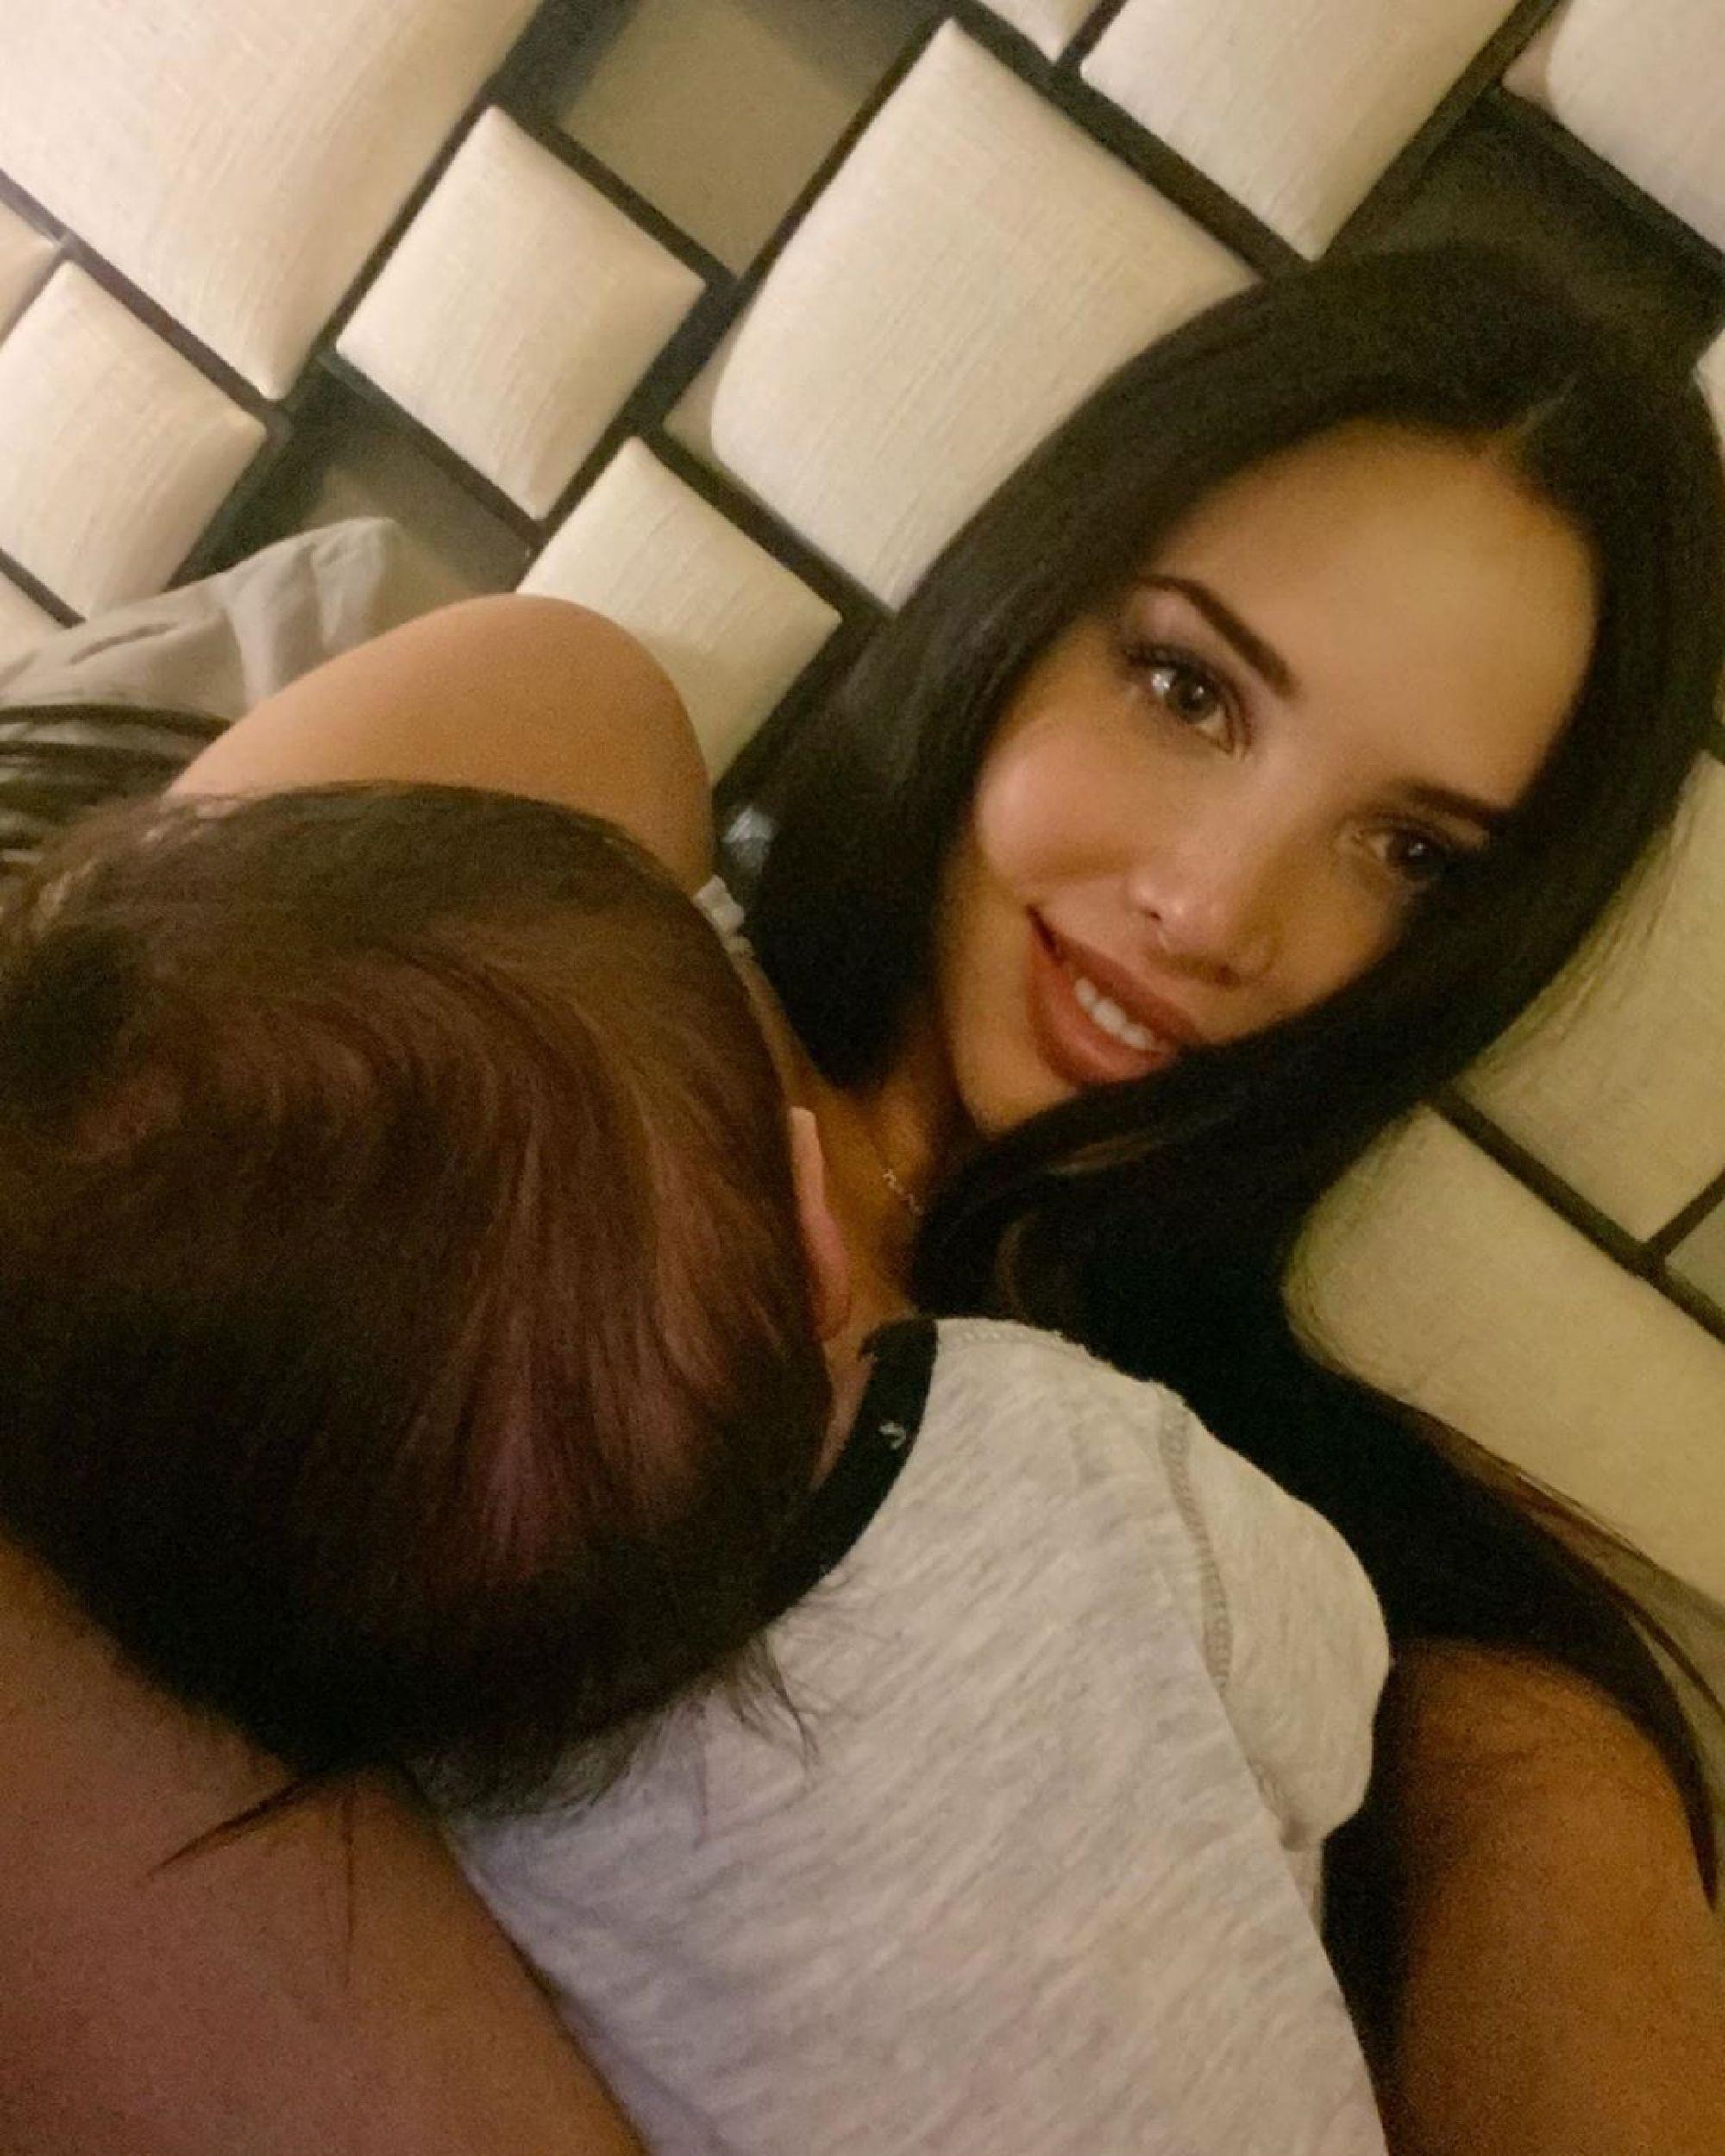 Анастасия Решетова случайно показала лицо сына